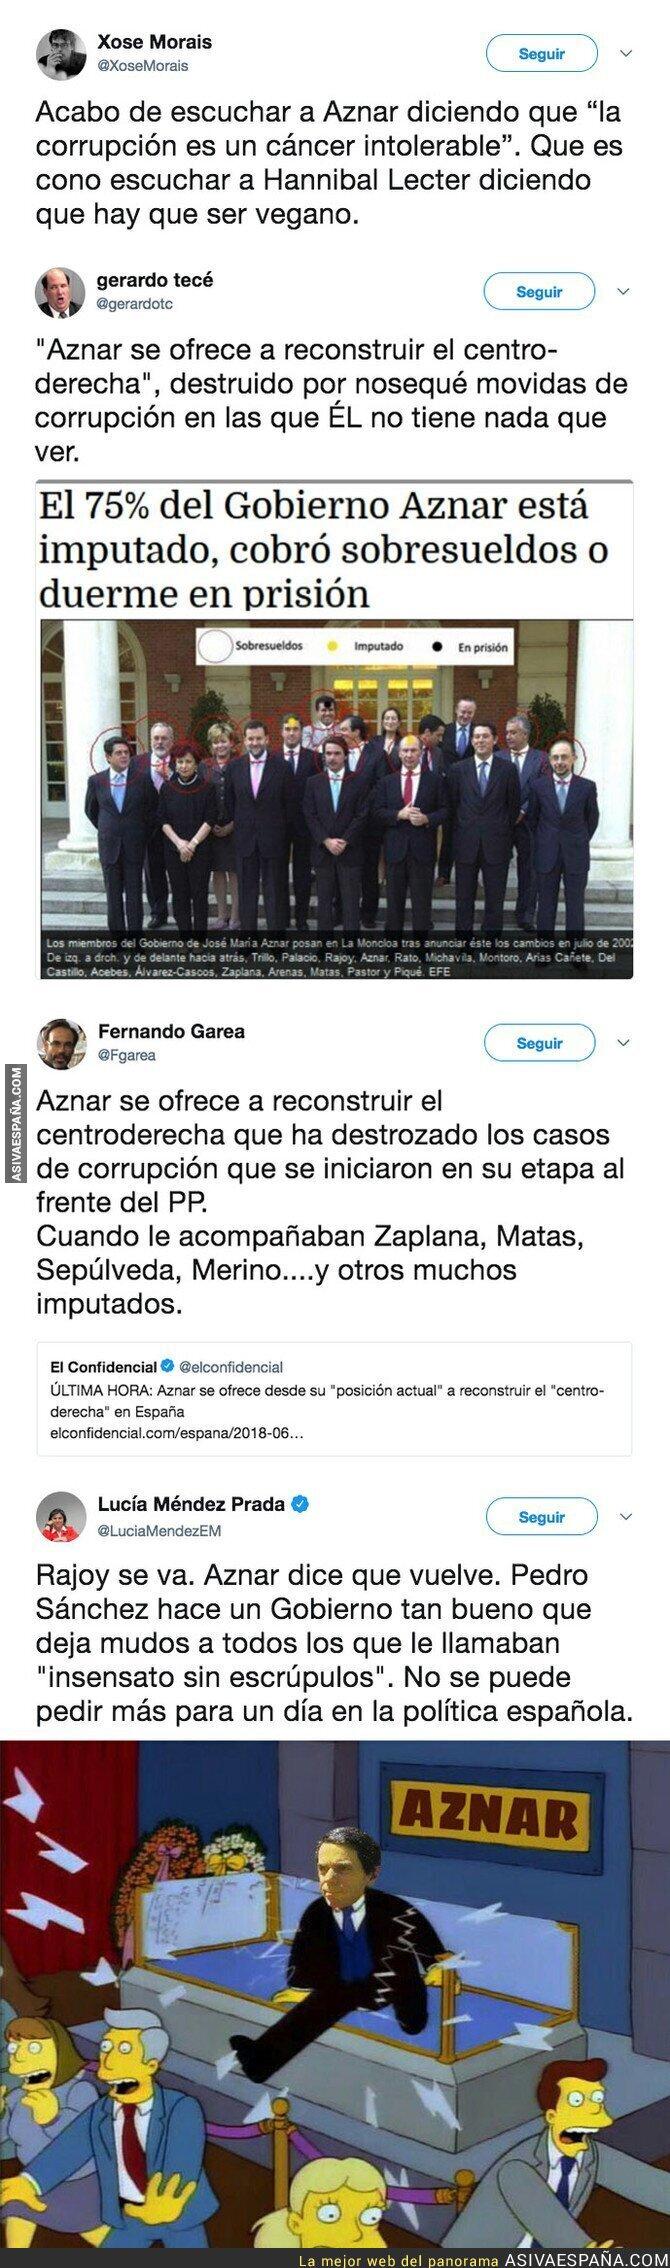 87979 - Aznar se ofrece a regenerar el centro-derecha de la política española y todos se están riendo de él